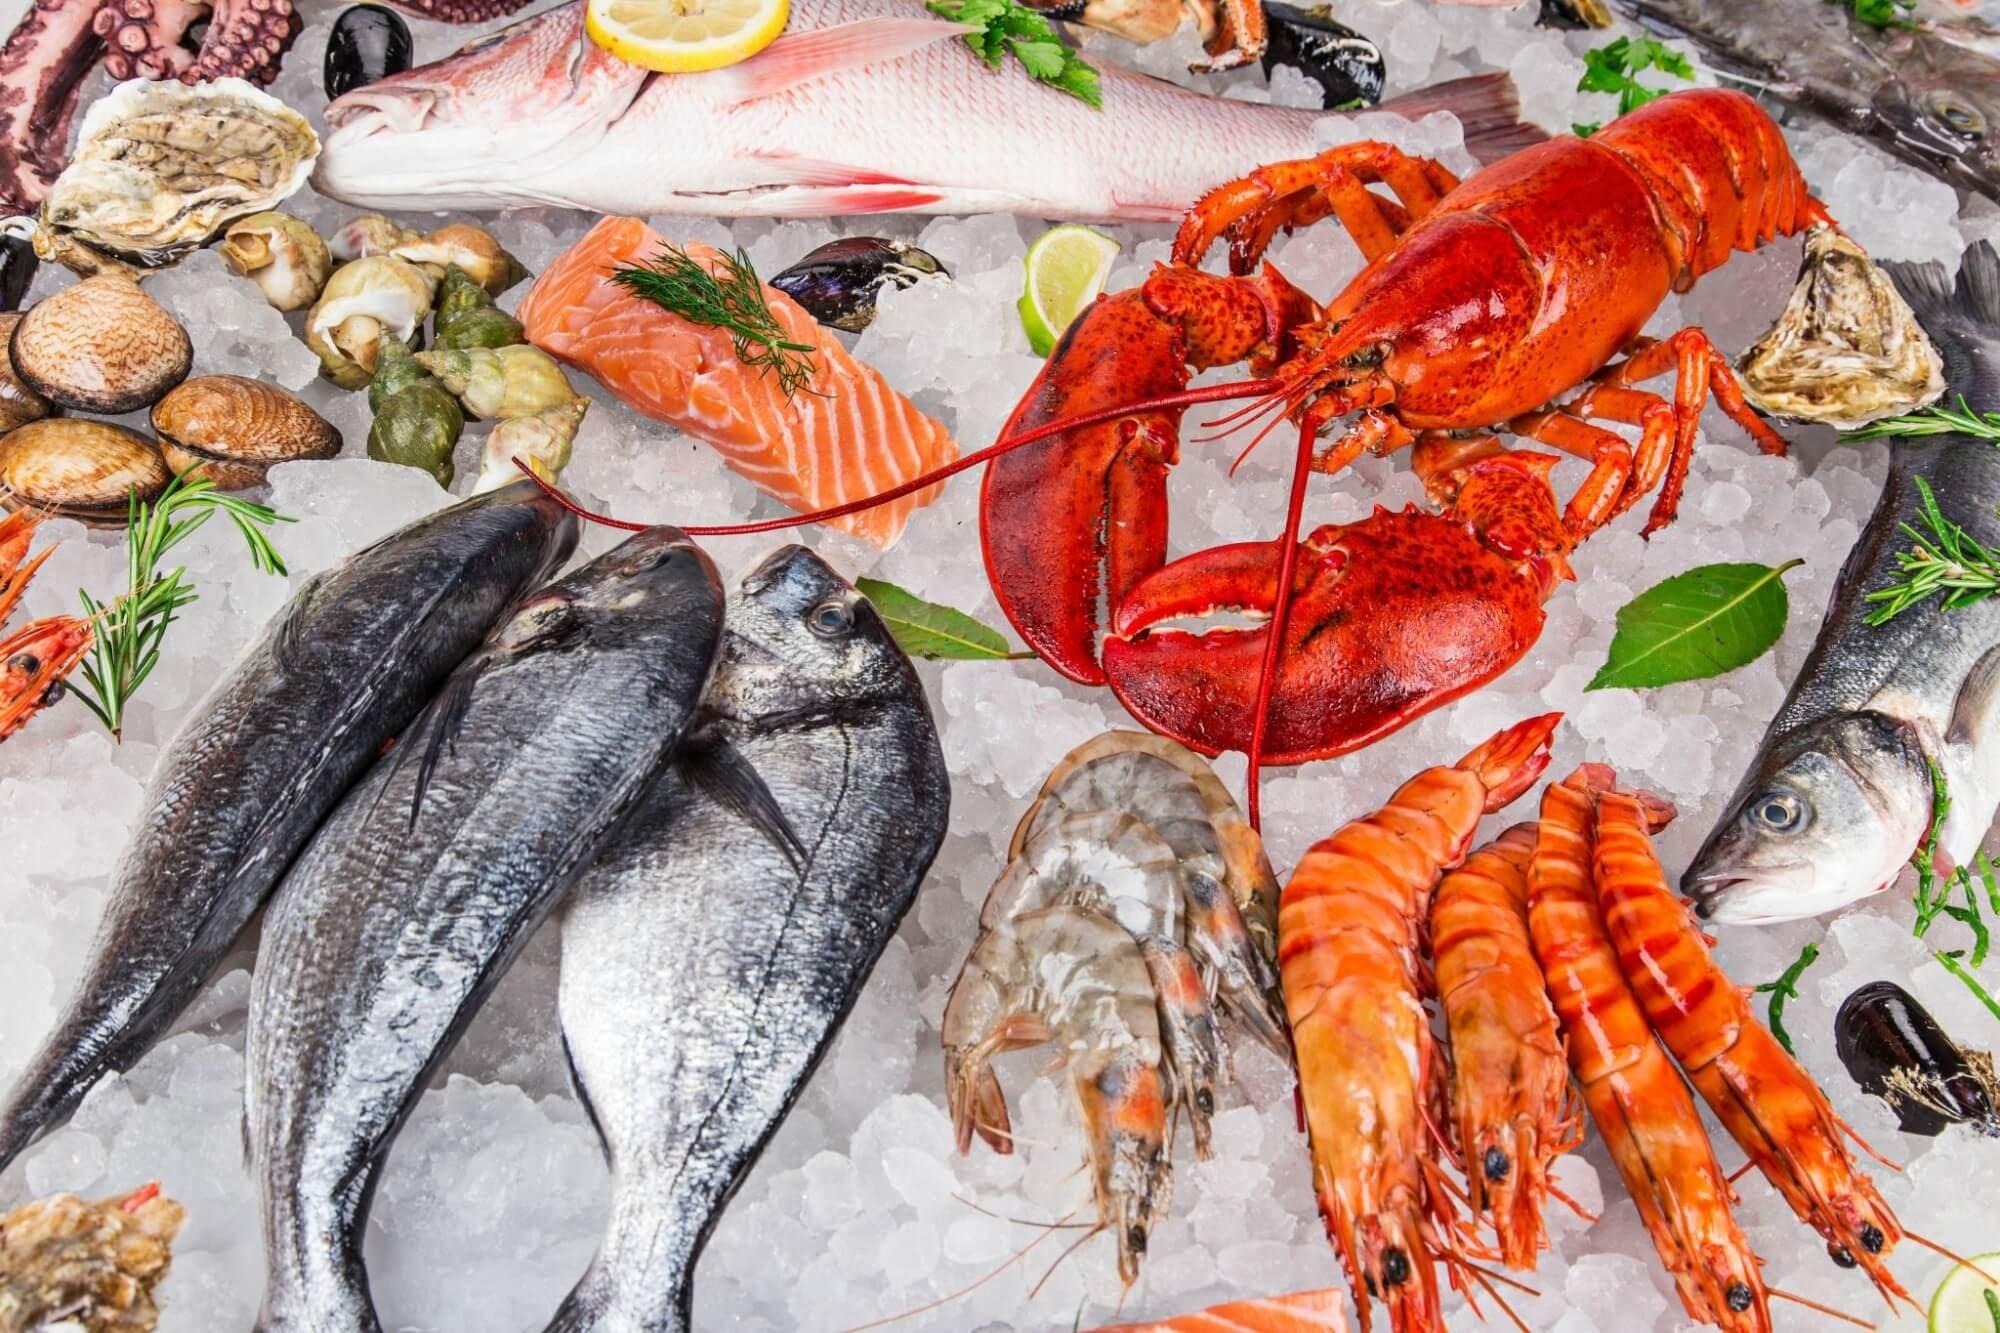 Kiến ba khoangđốt kiêng hải sản hay các thực phẩm gây ngứa